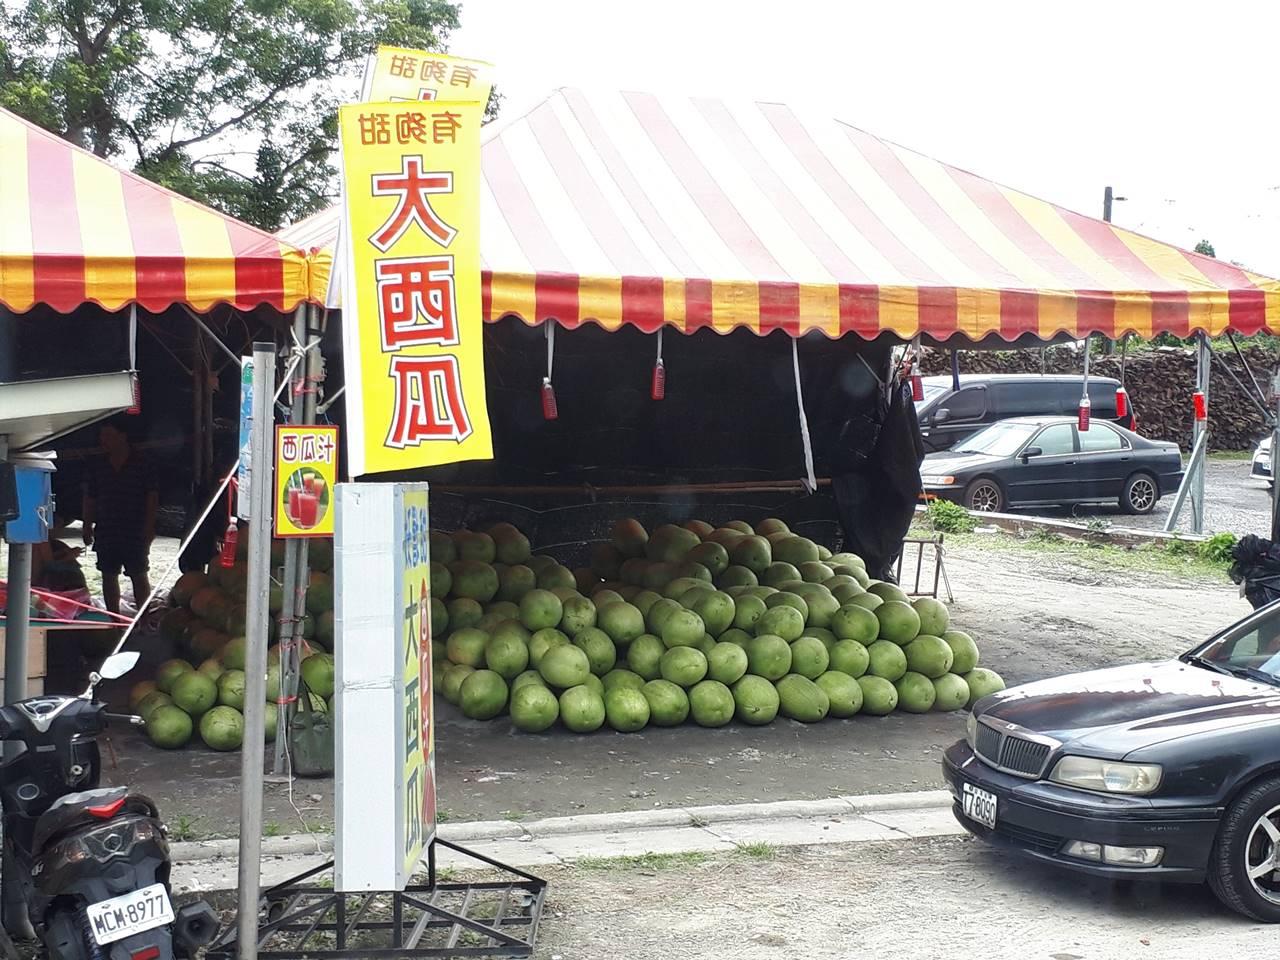 台湾・礁渓温泉で売られていた巨大なスイカ